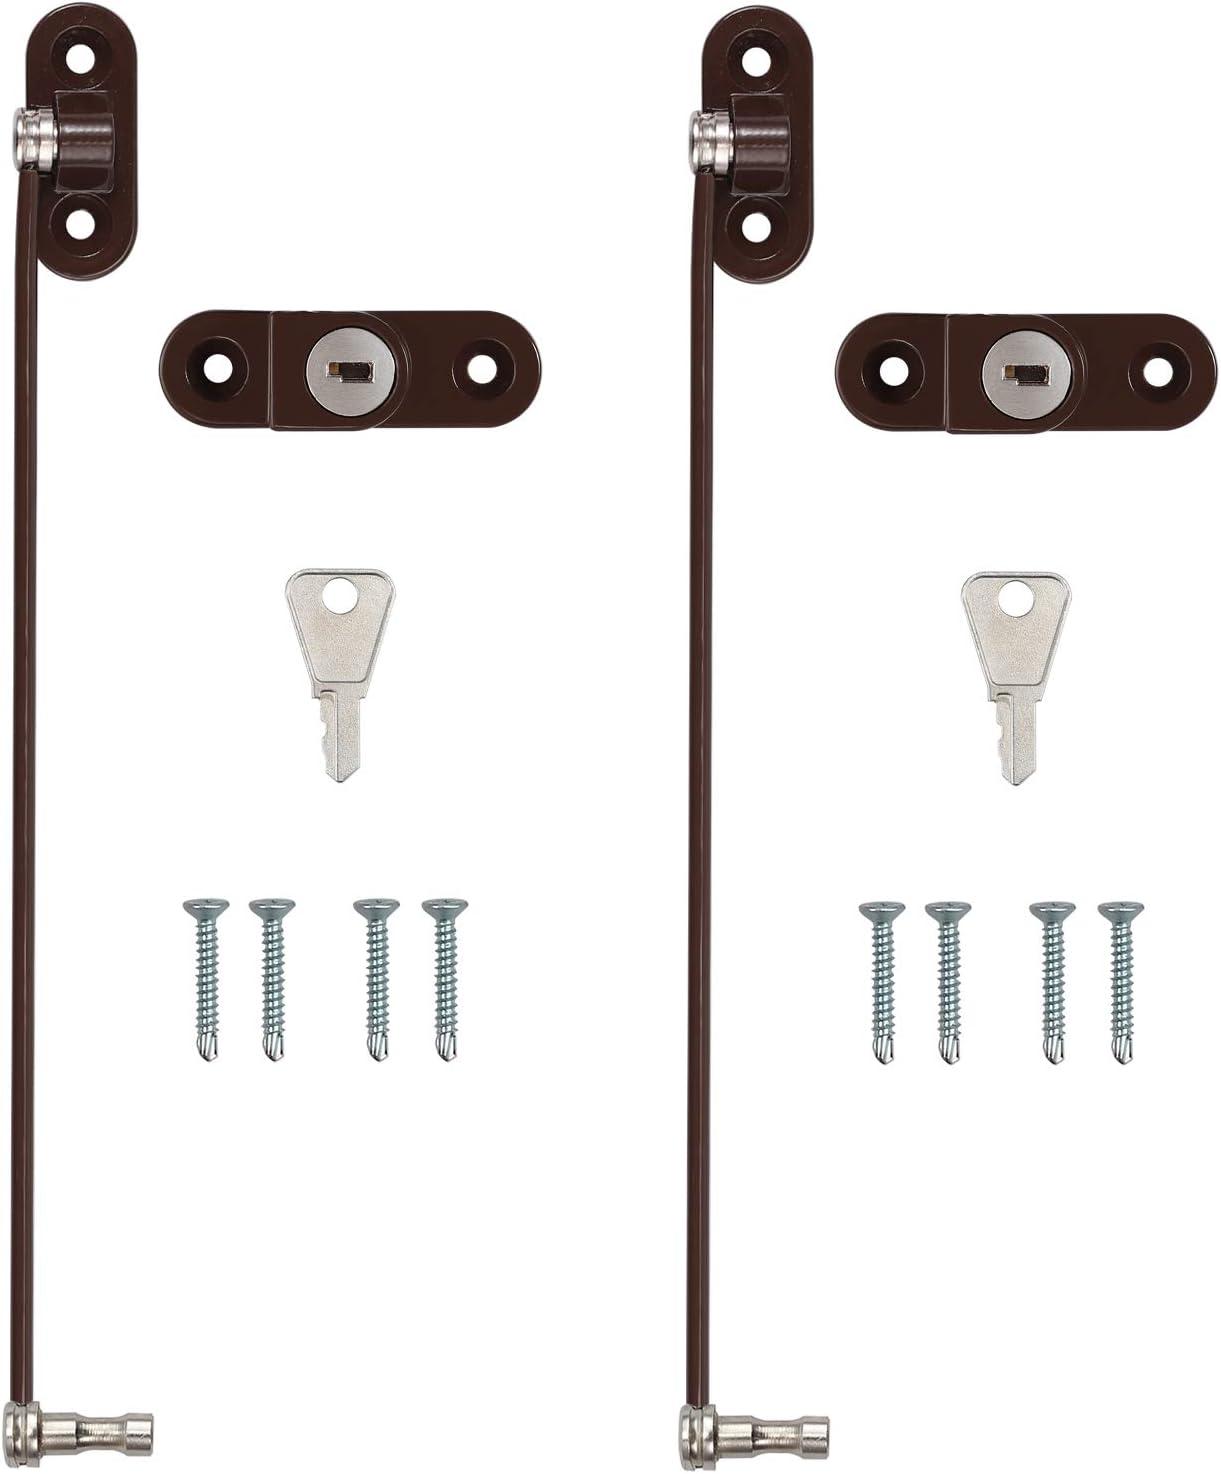 2 cables de seguridad para ventanas y puertas peque/ñas para uso dom/éstico y comercial eSynic